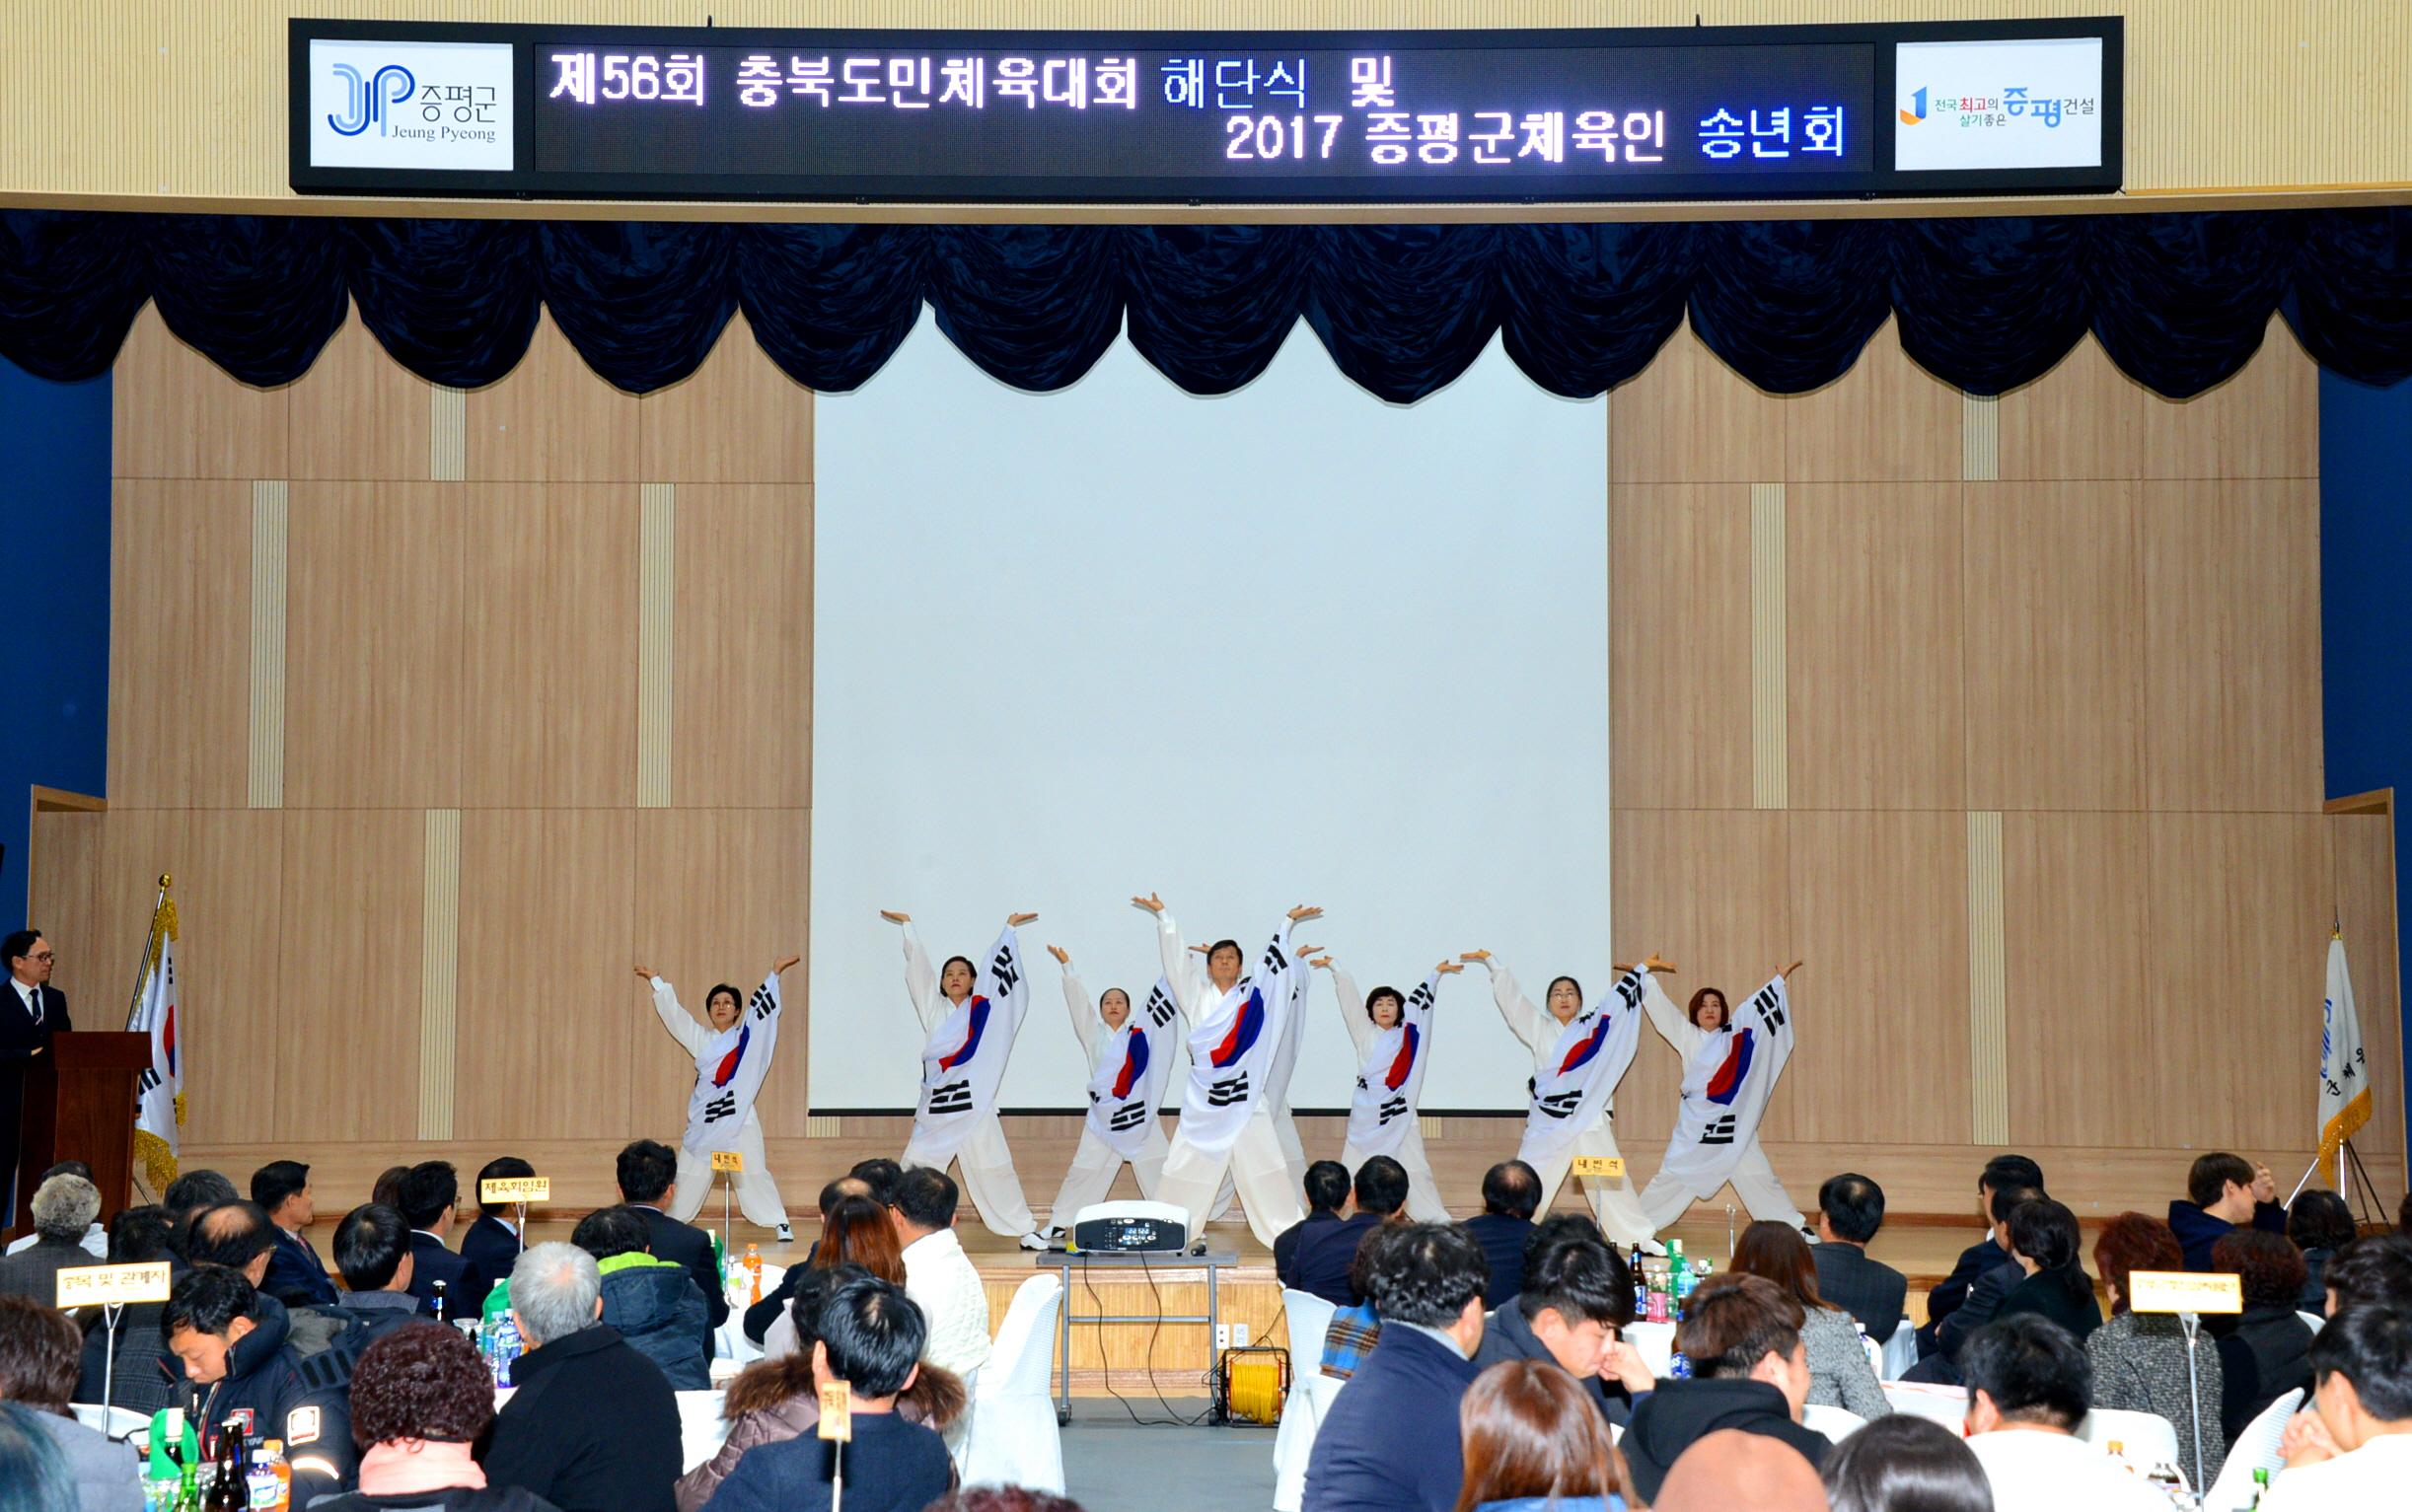 제56회 충북도민체전 해단식 및 증평군 체육인 송년회 [이미지]